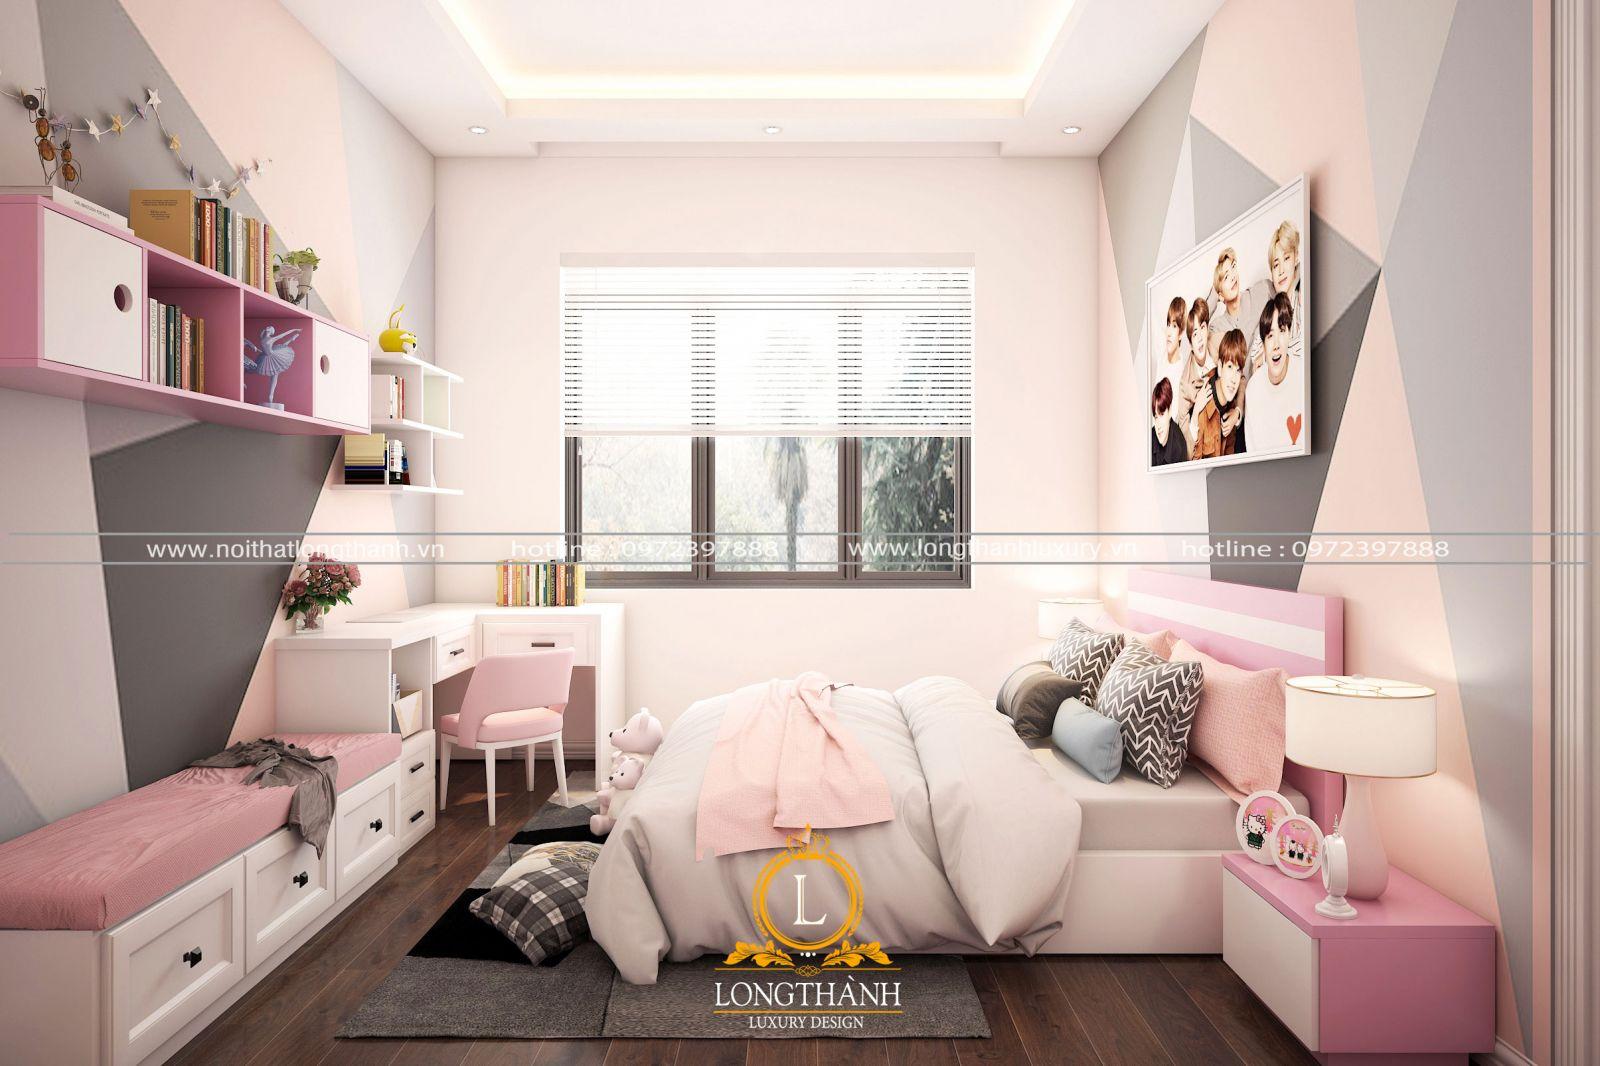 Nội thất phòng ngủ chung cư hiện đại cho bé gái